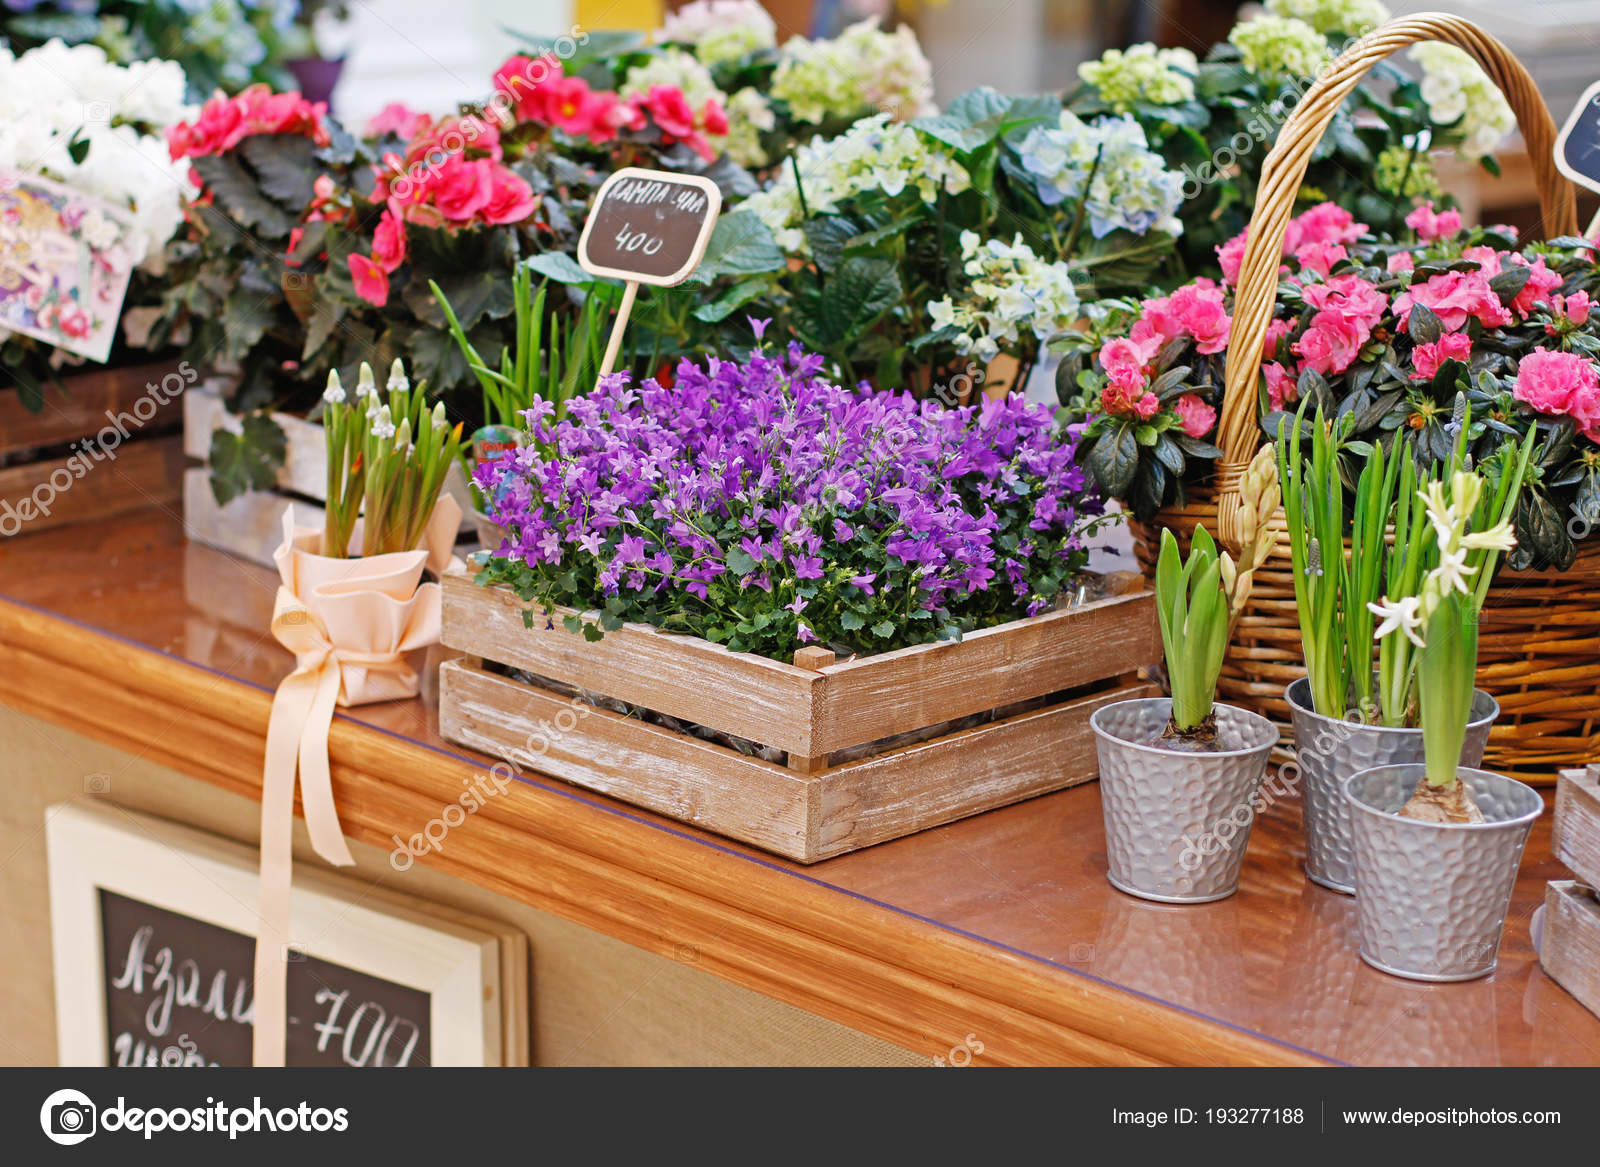 различные красивые цветы деревянные ящики цветочные горшки